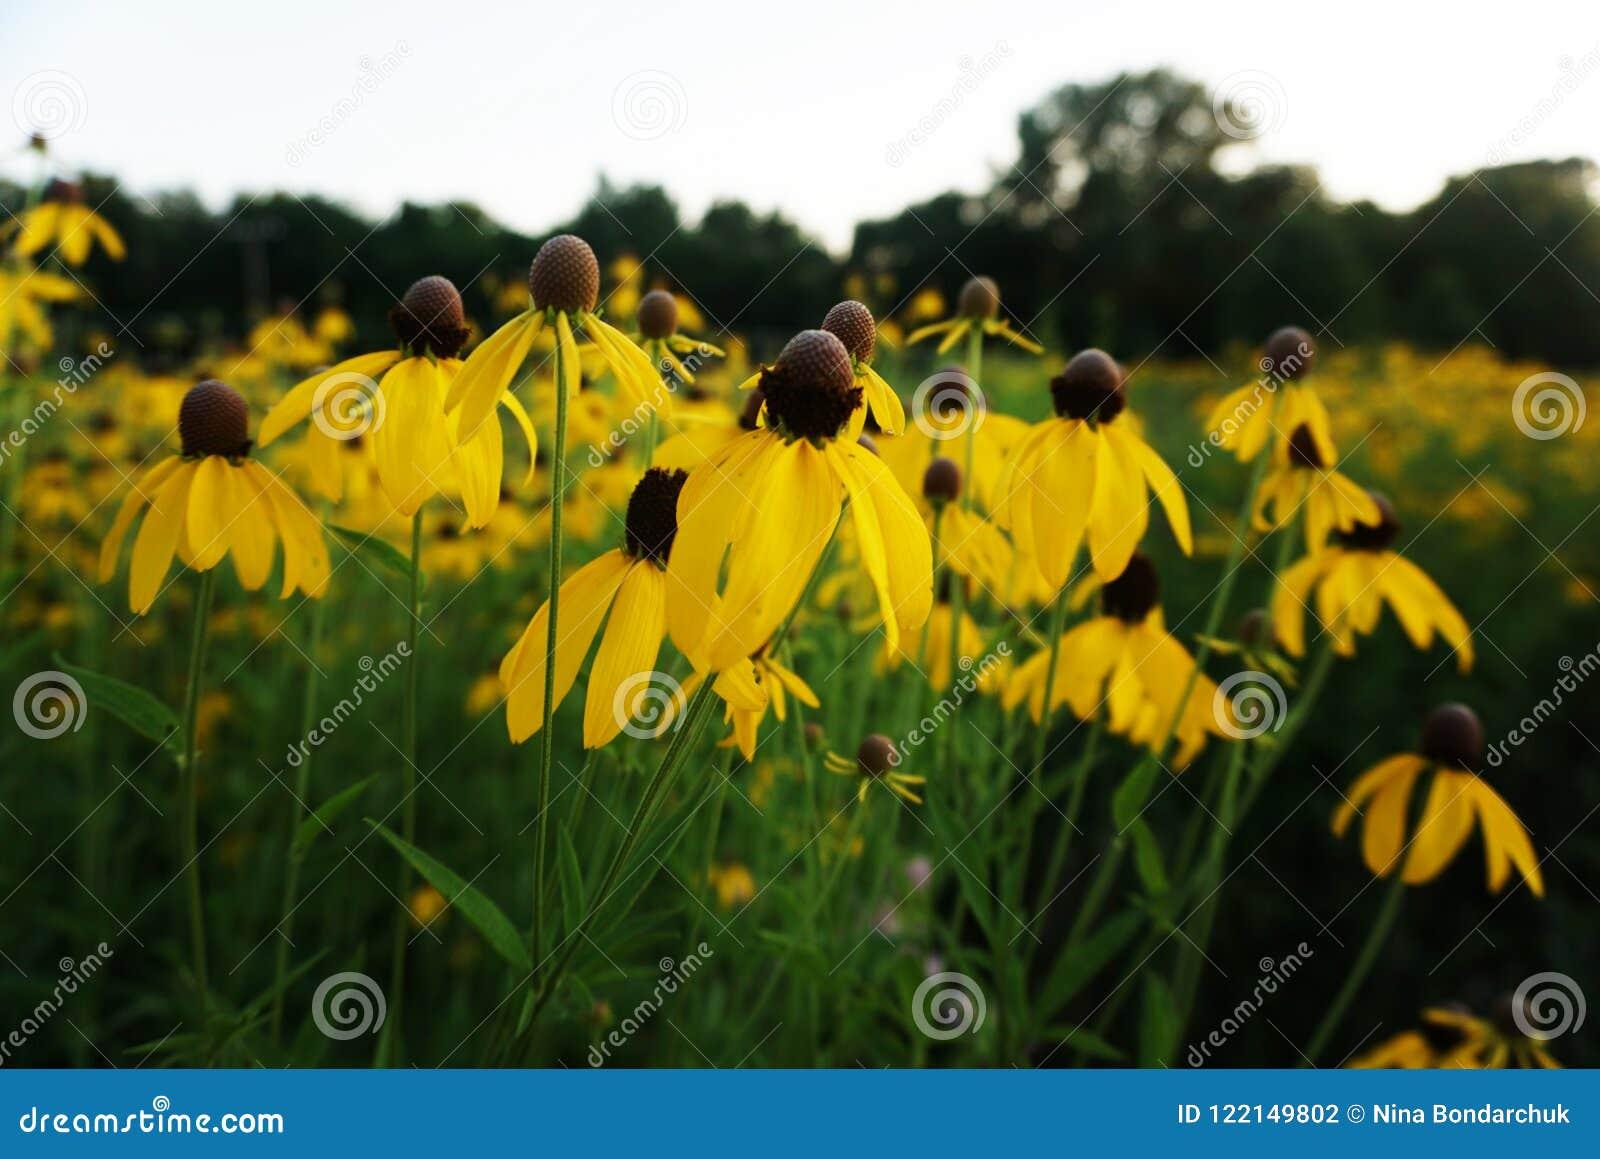 黄色雏菊,春黄菊